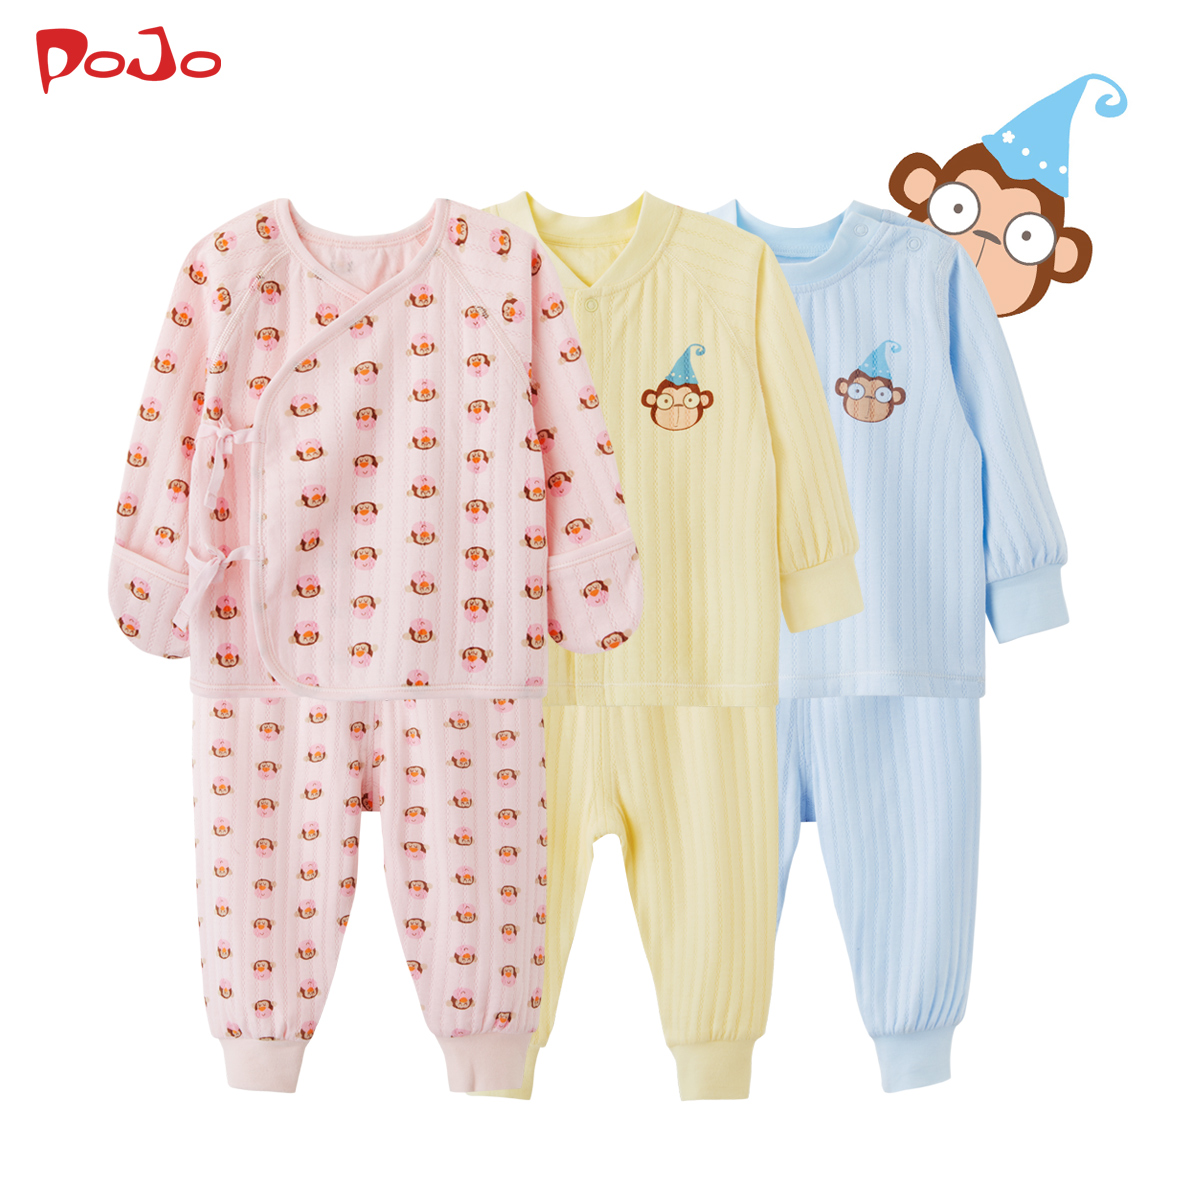 正品打折皮偌乔新生儿和尚服婴儿衣服儿童宝宝内衣秋